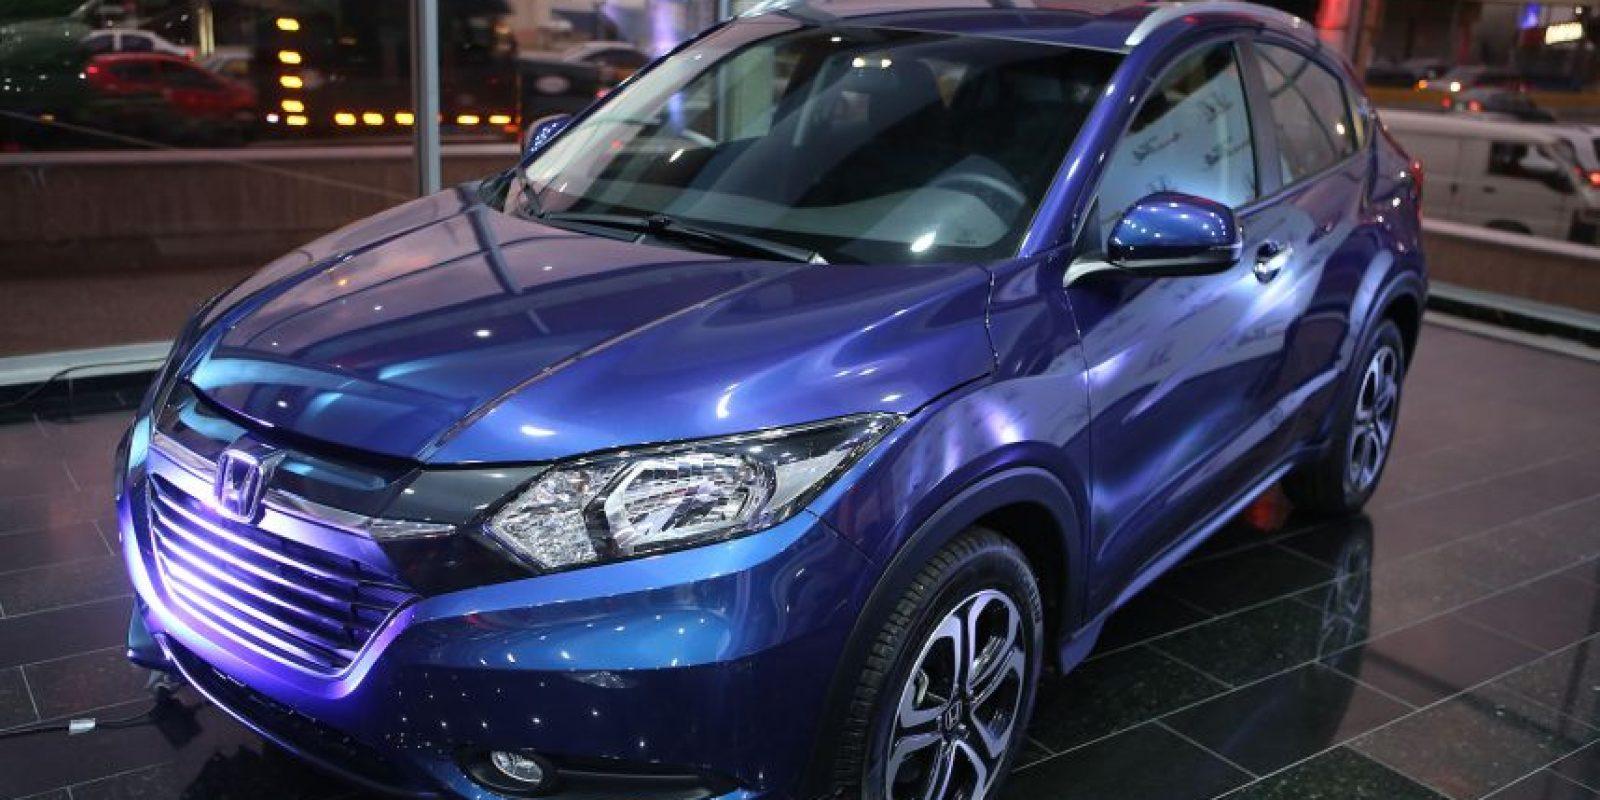 El nuevo Honda Foto:Fuente Externa